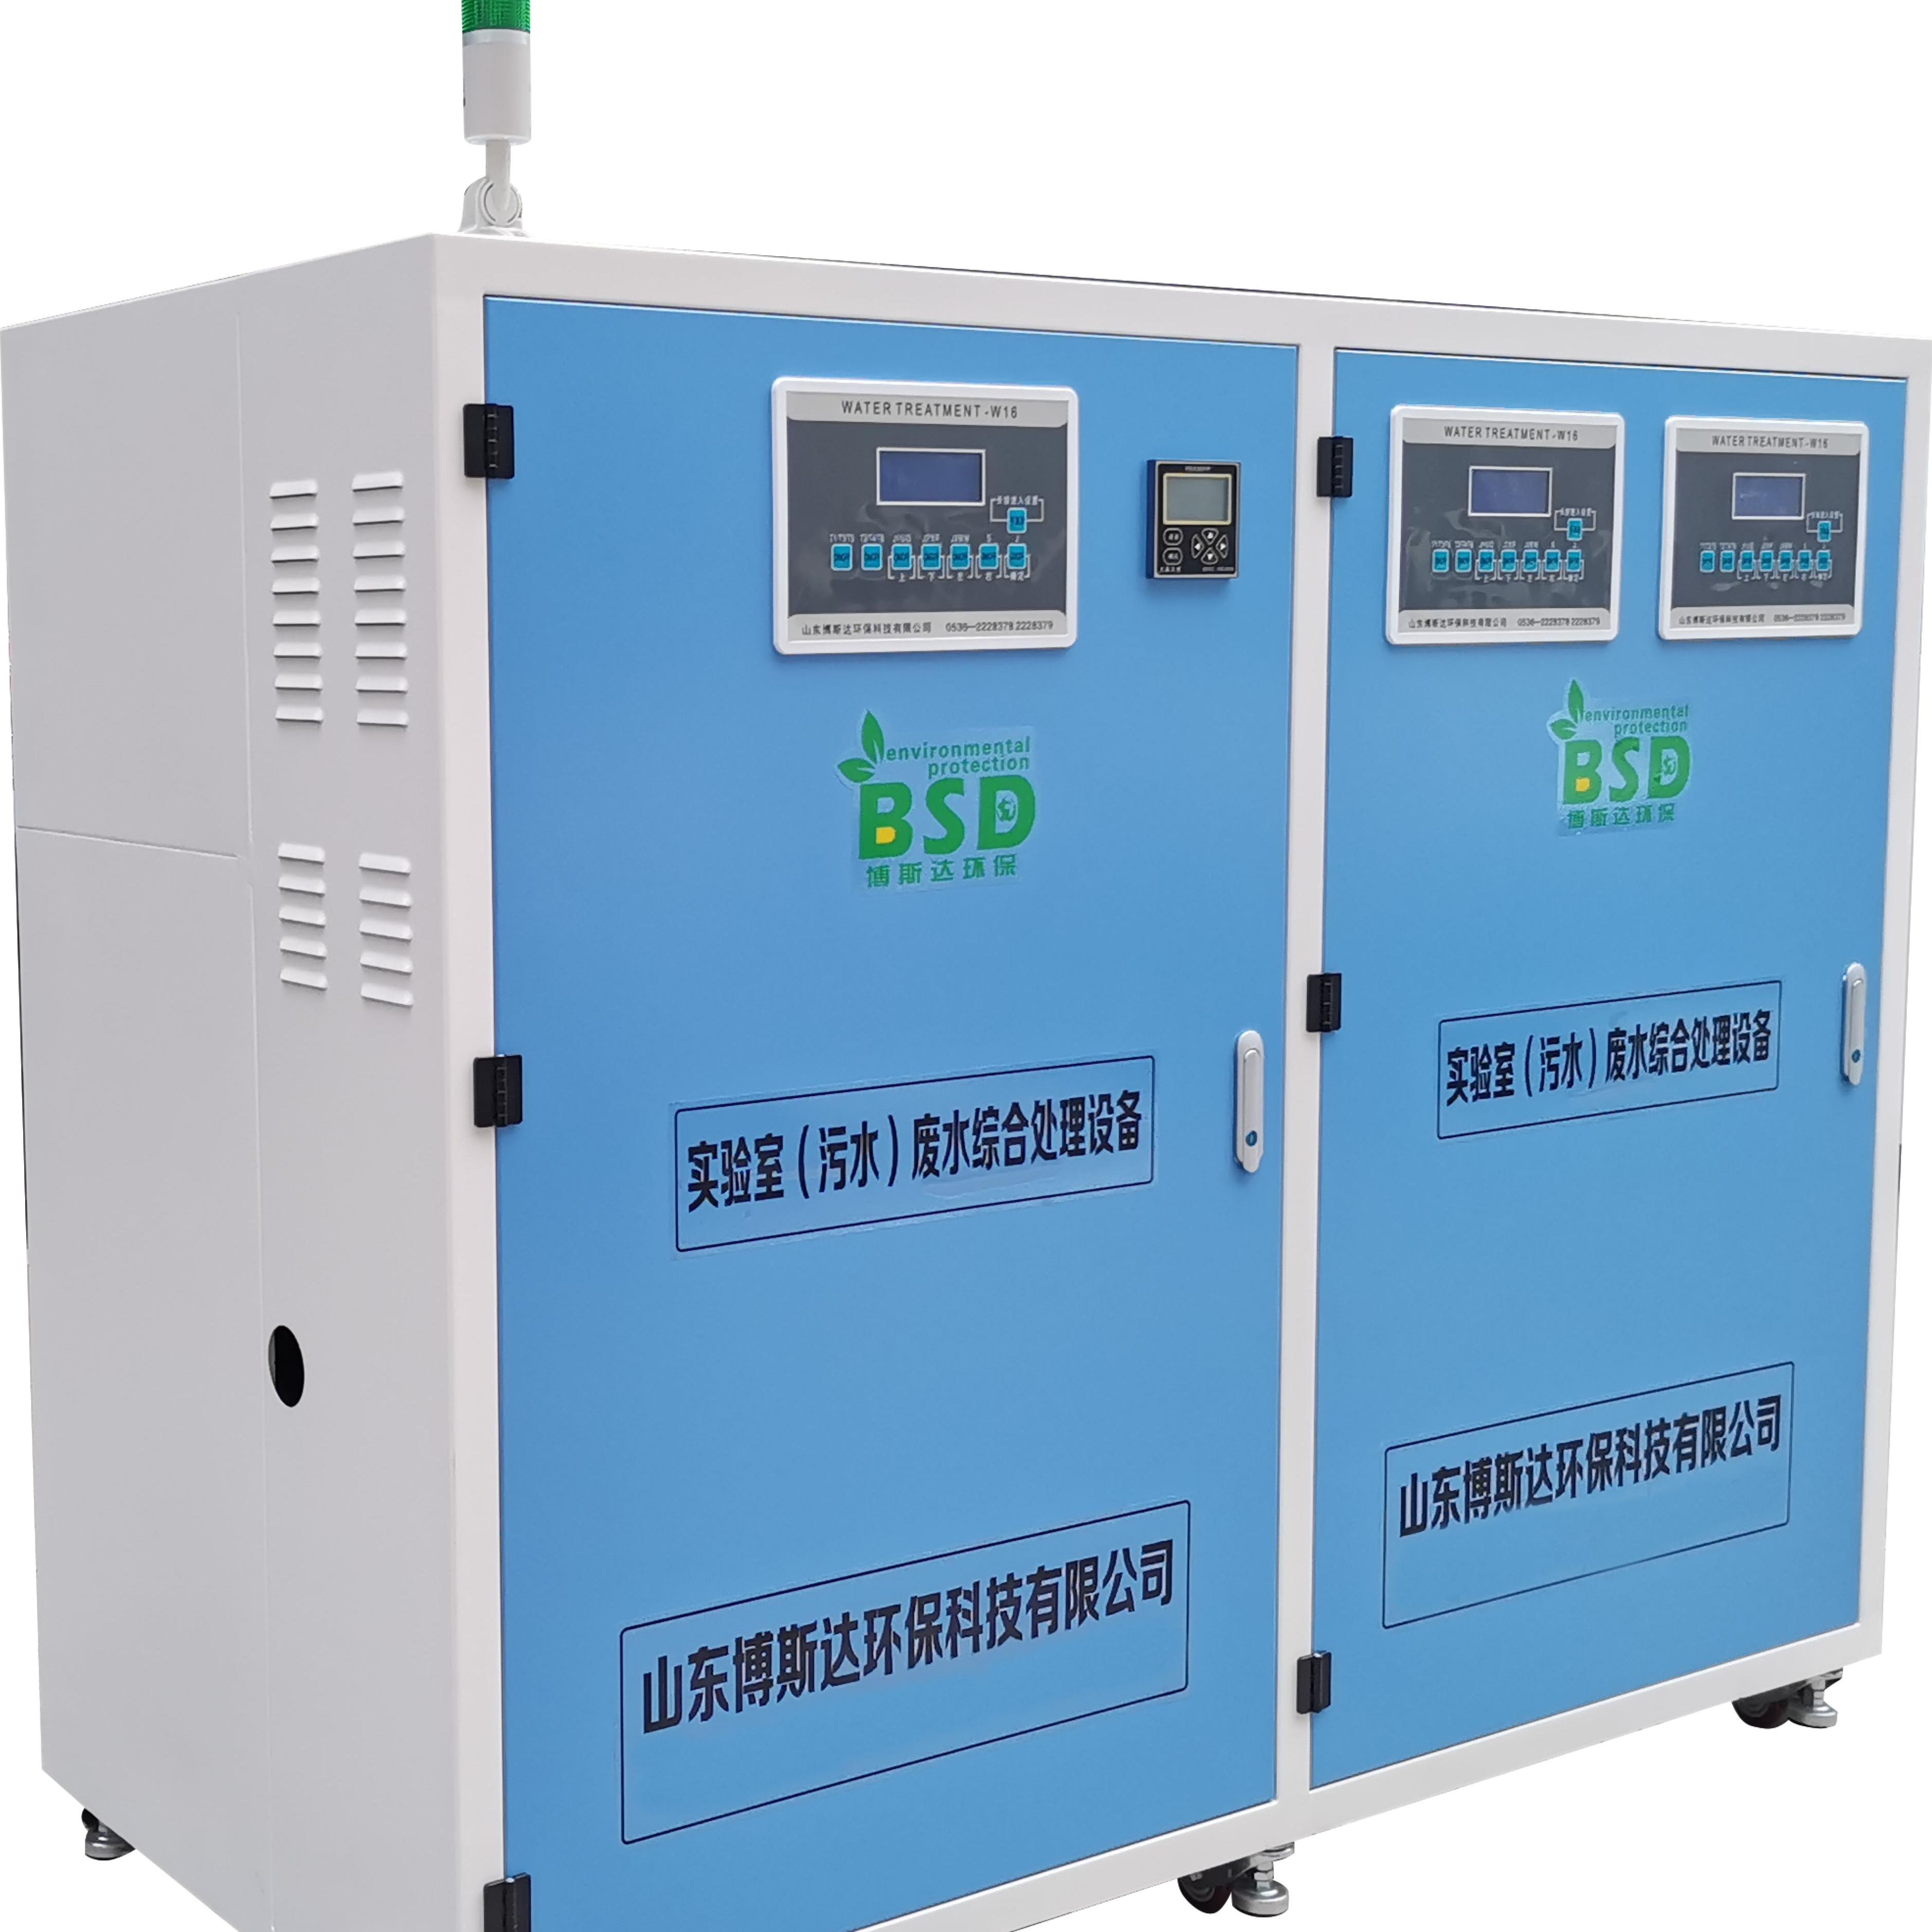 实验室废水处理设备 废水特点